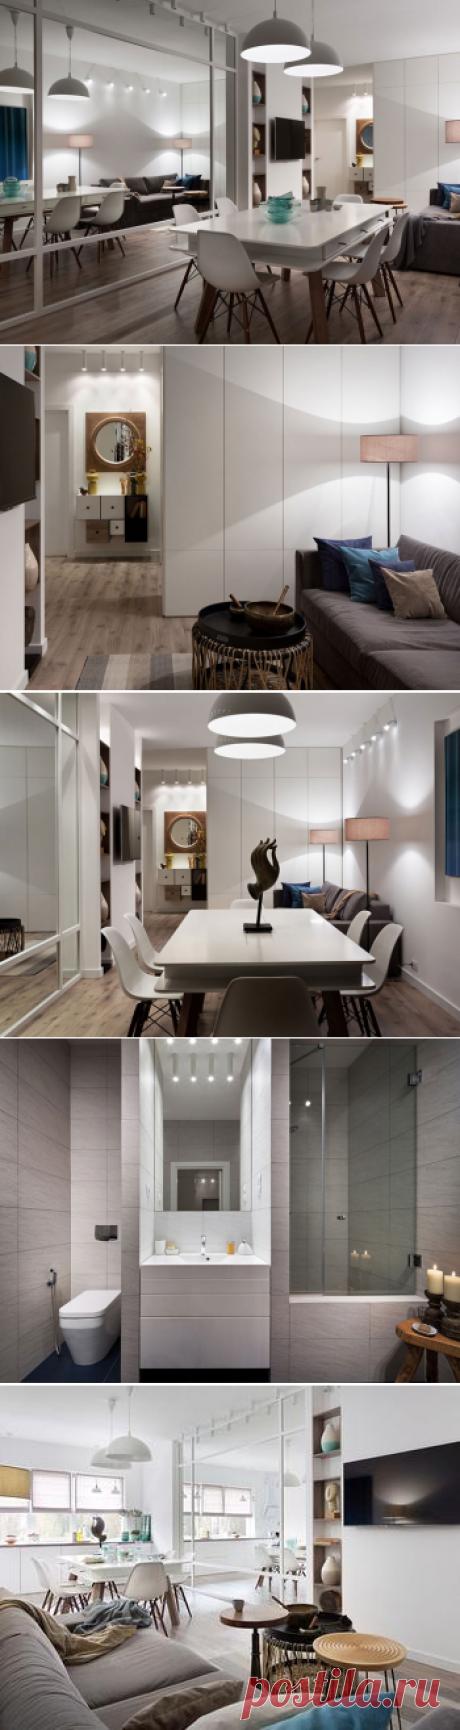 Квартира в скандинавском стиле для семьи в Киеве